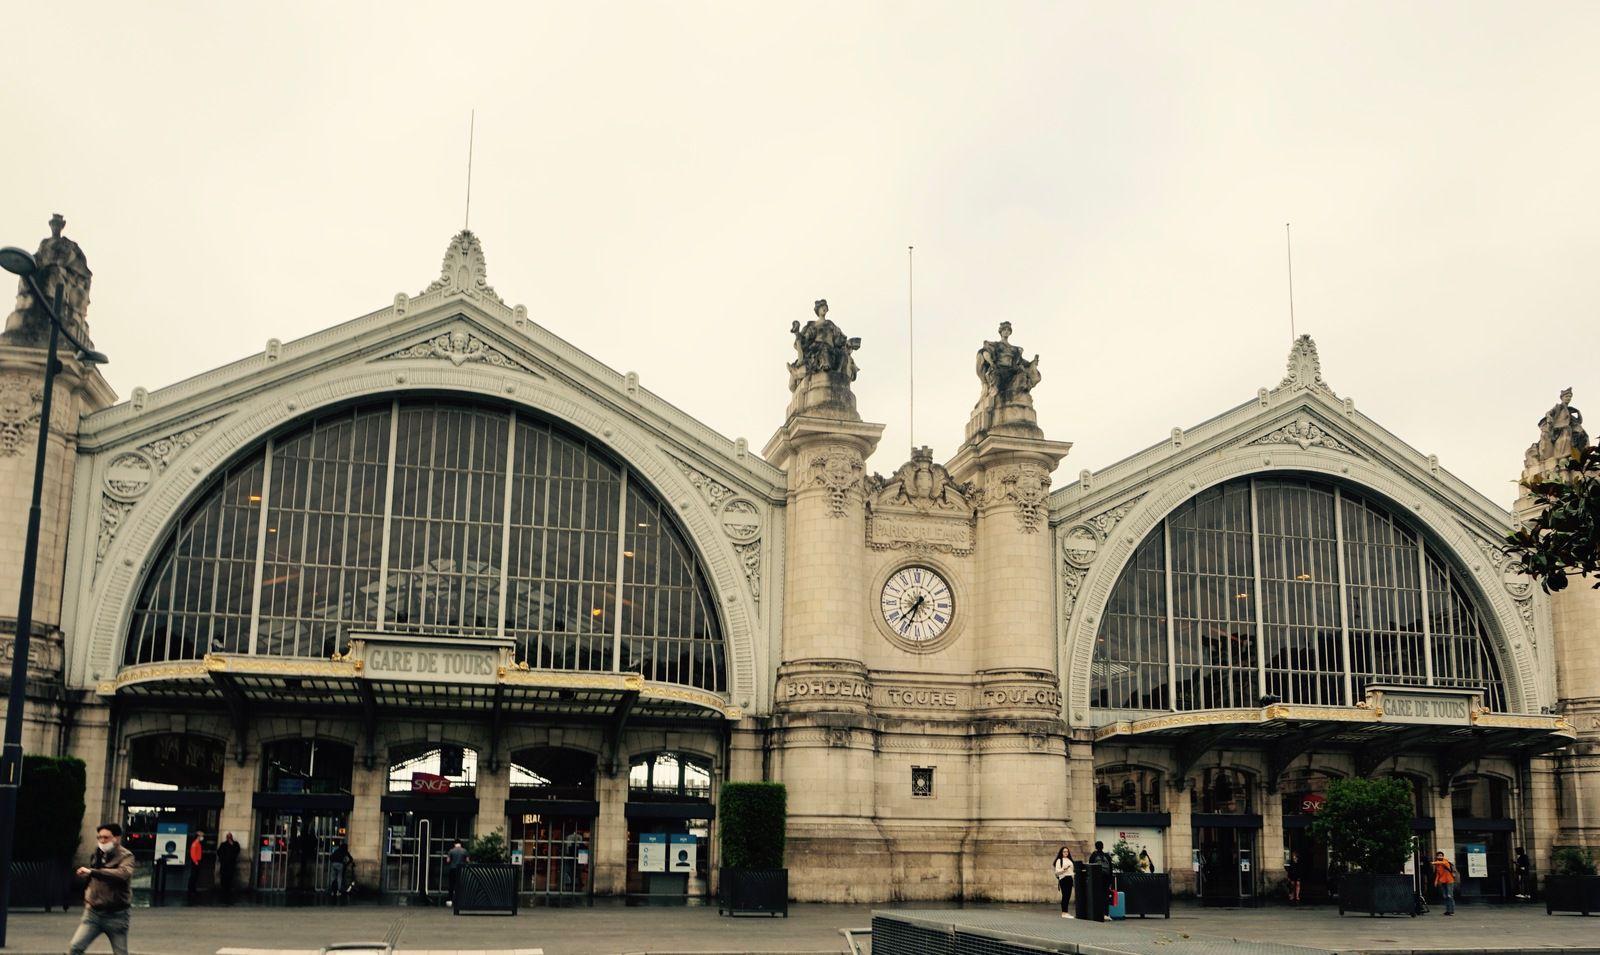 La gare de Tours, une des plus belles de France.